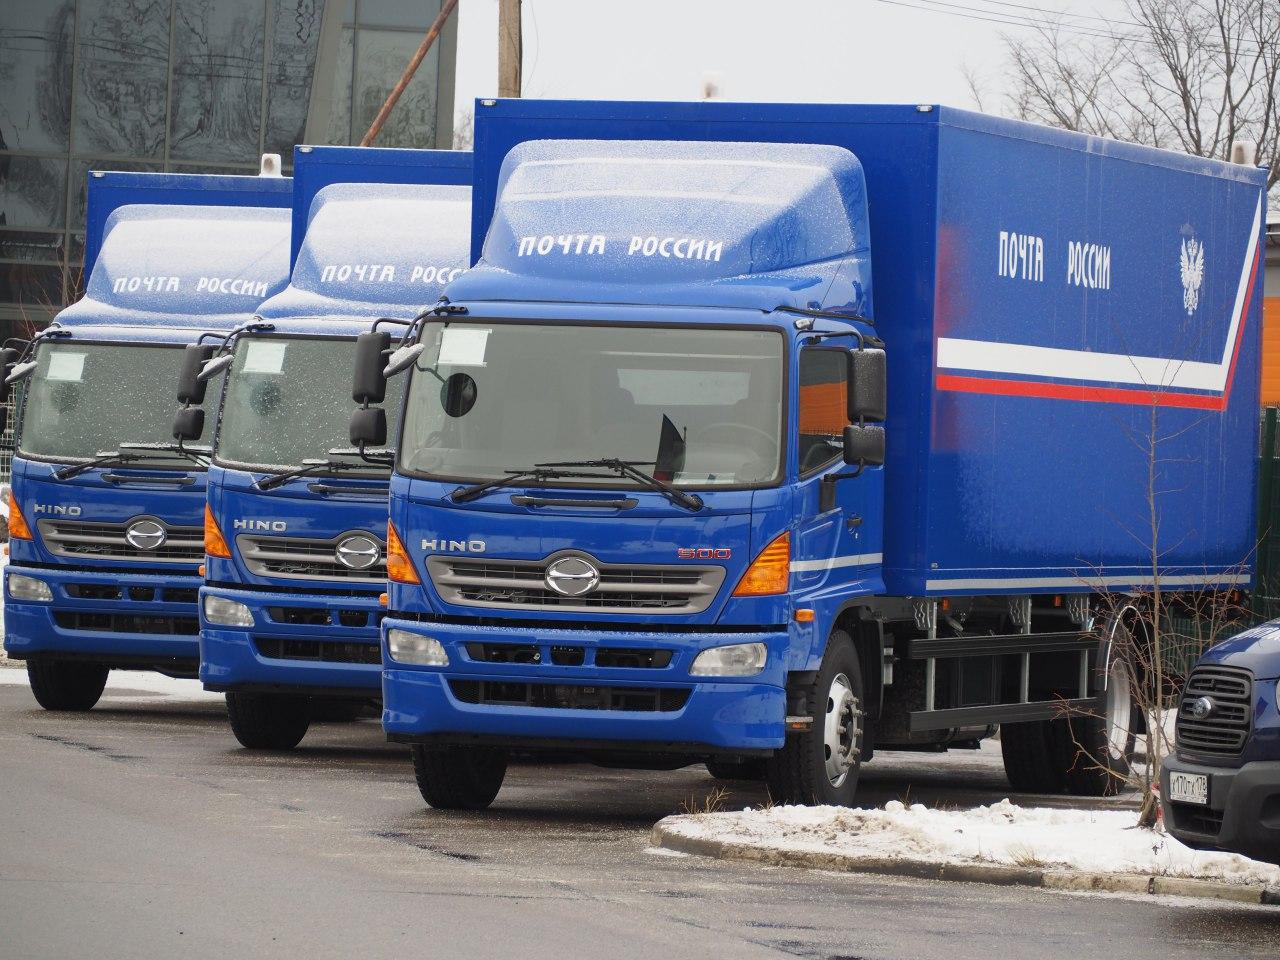 Почта России сэкономит на топливе более 280 млн рублей